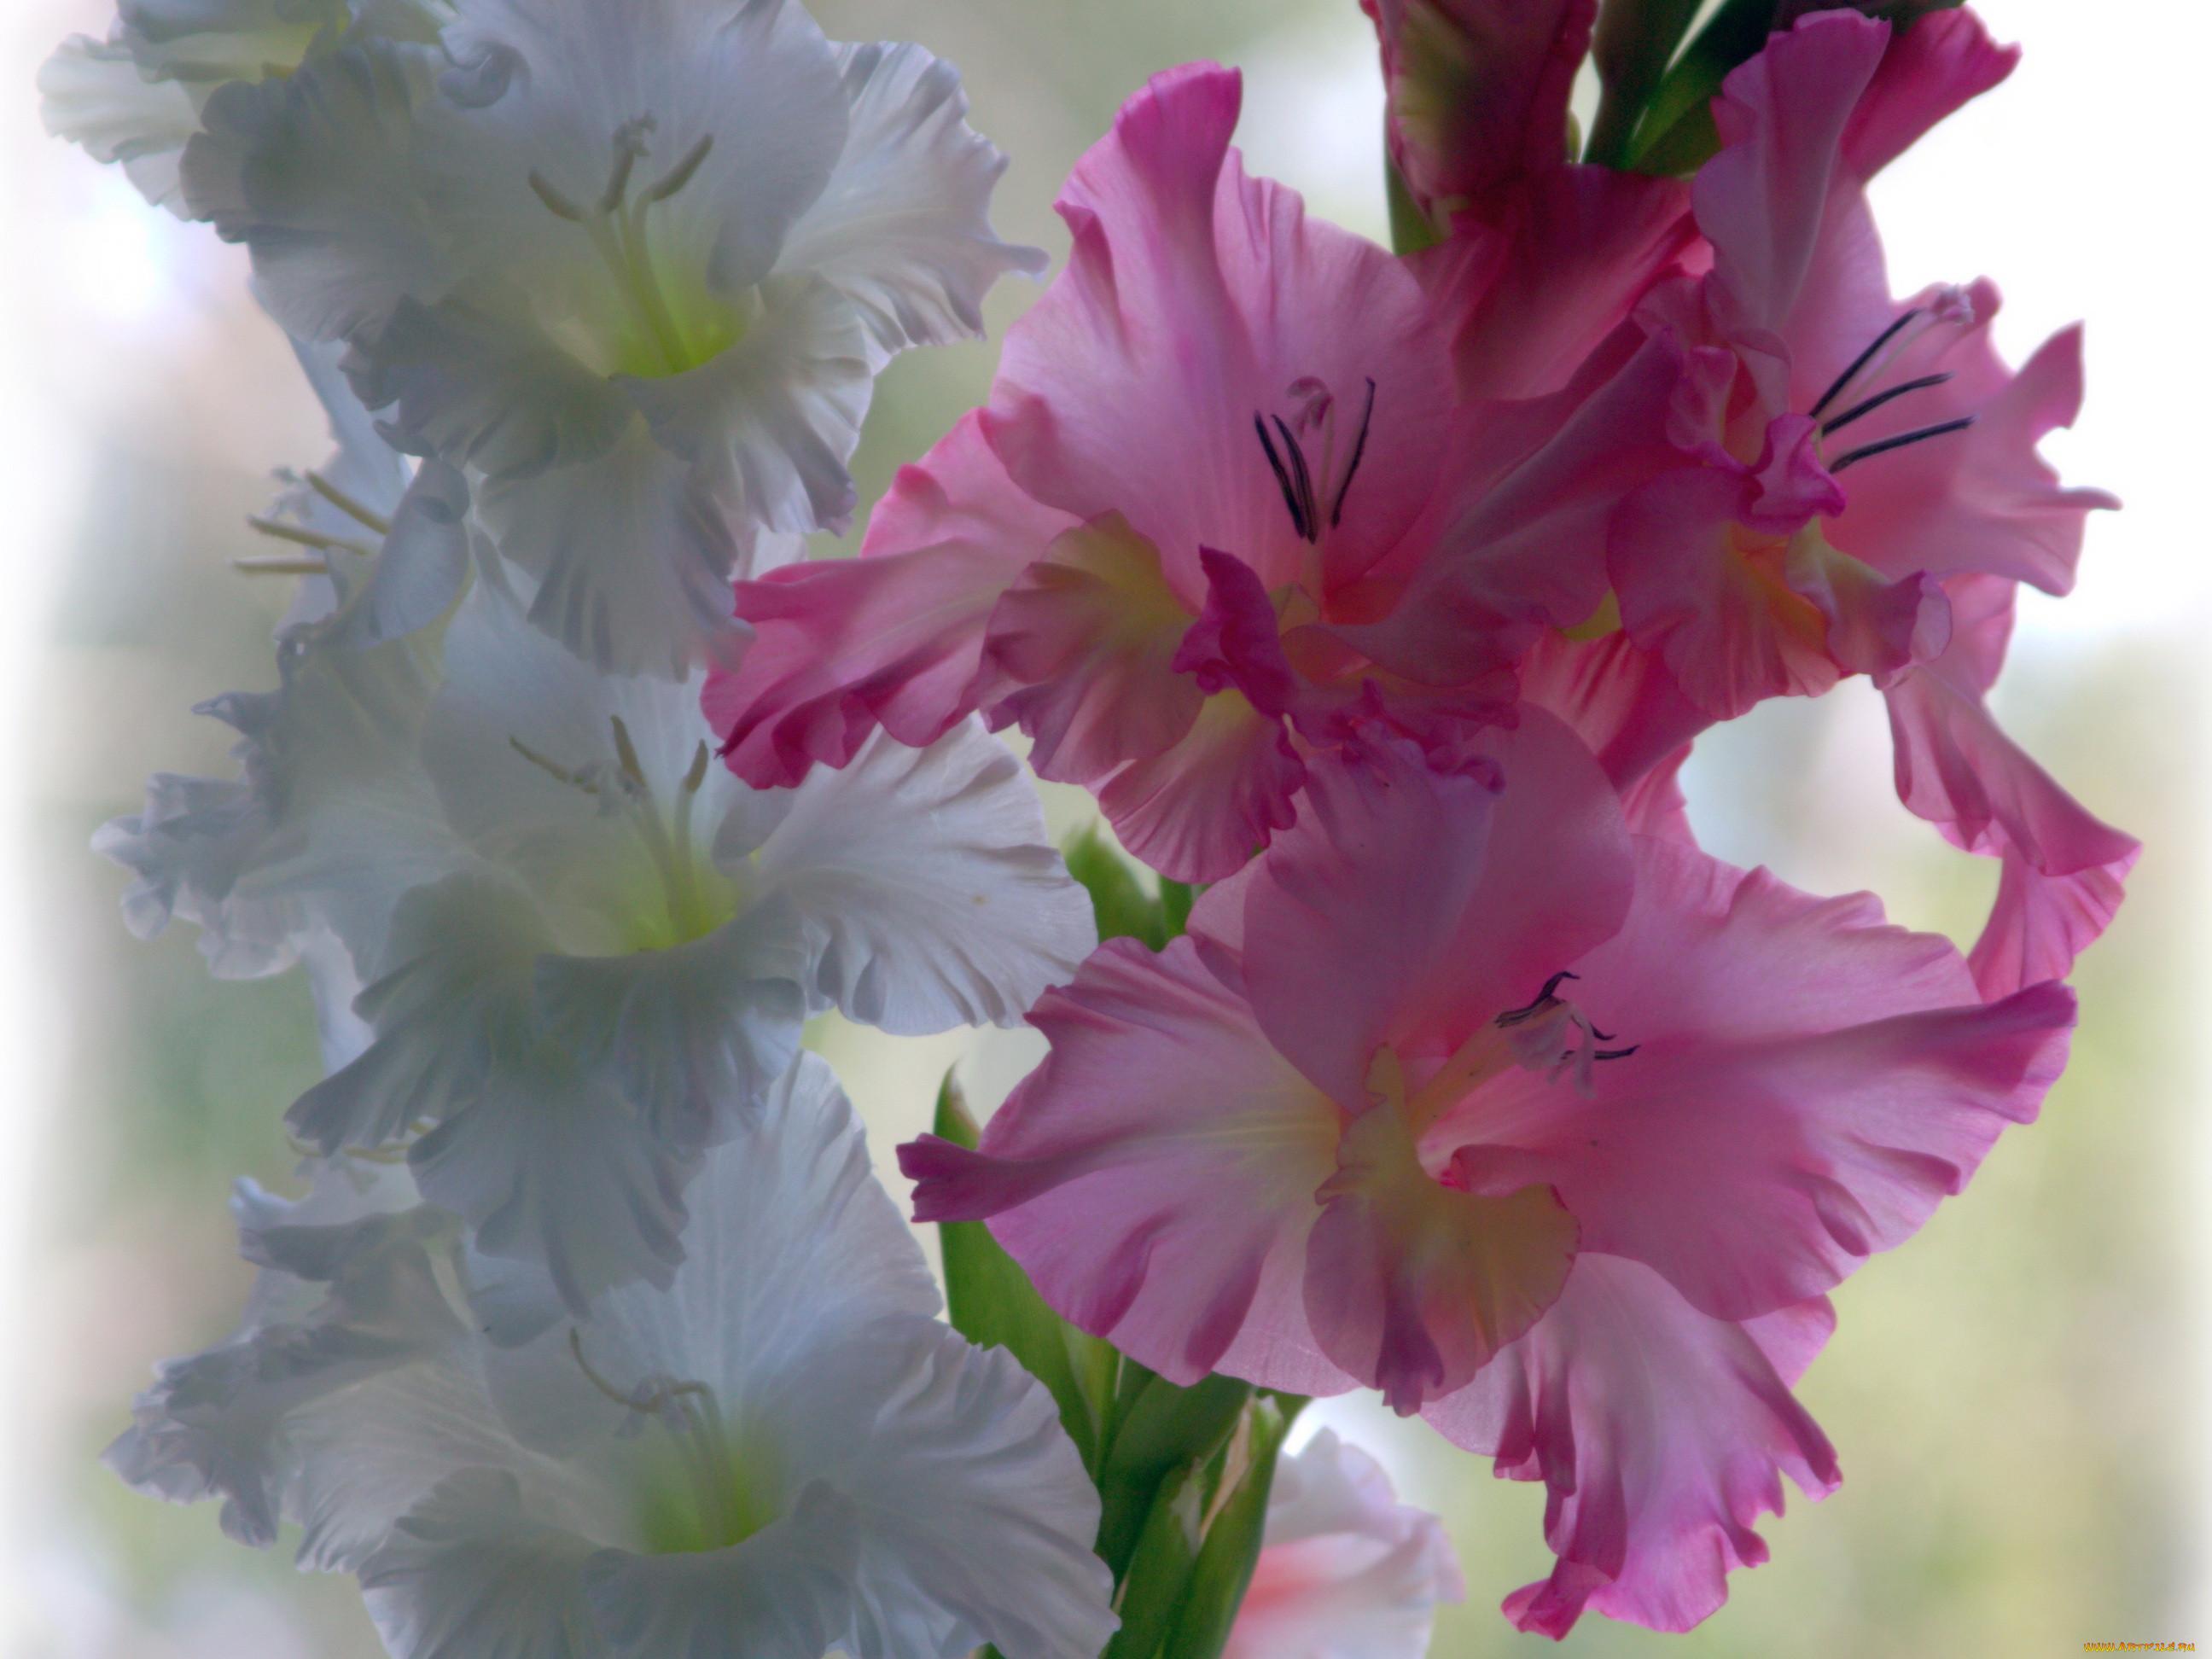 Красивые цветы гладиолусы фото и картинки